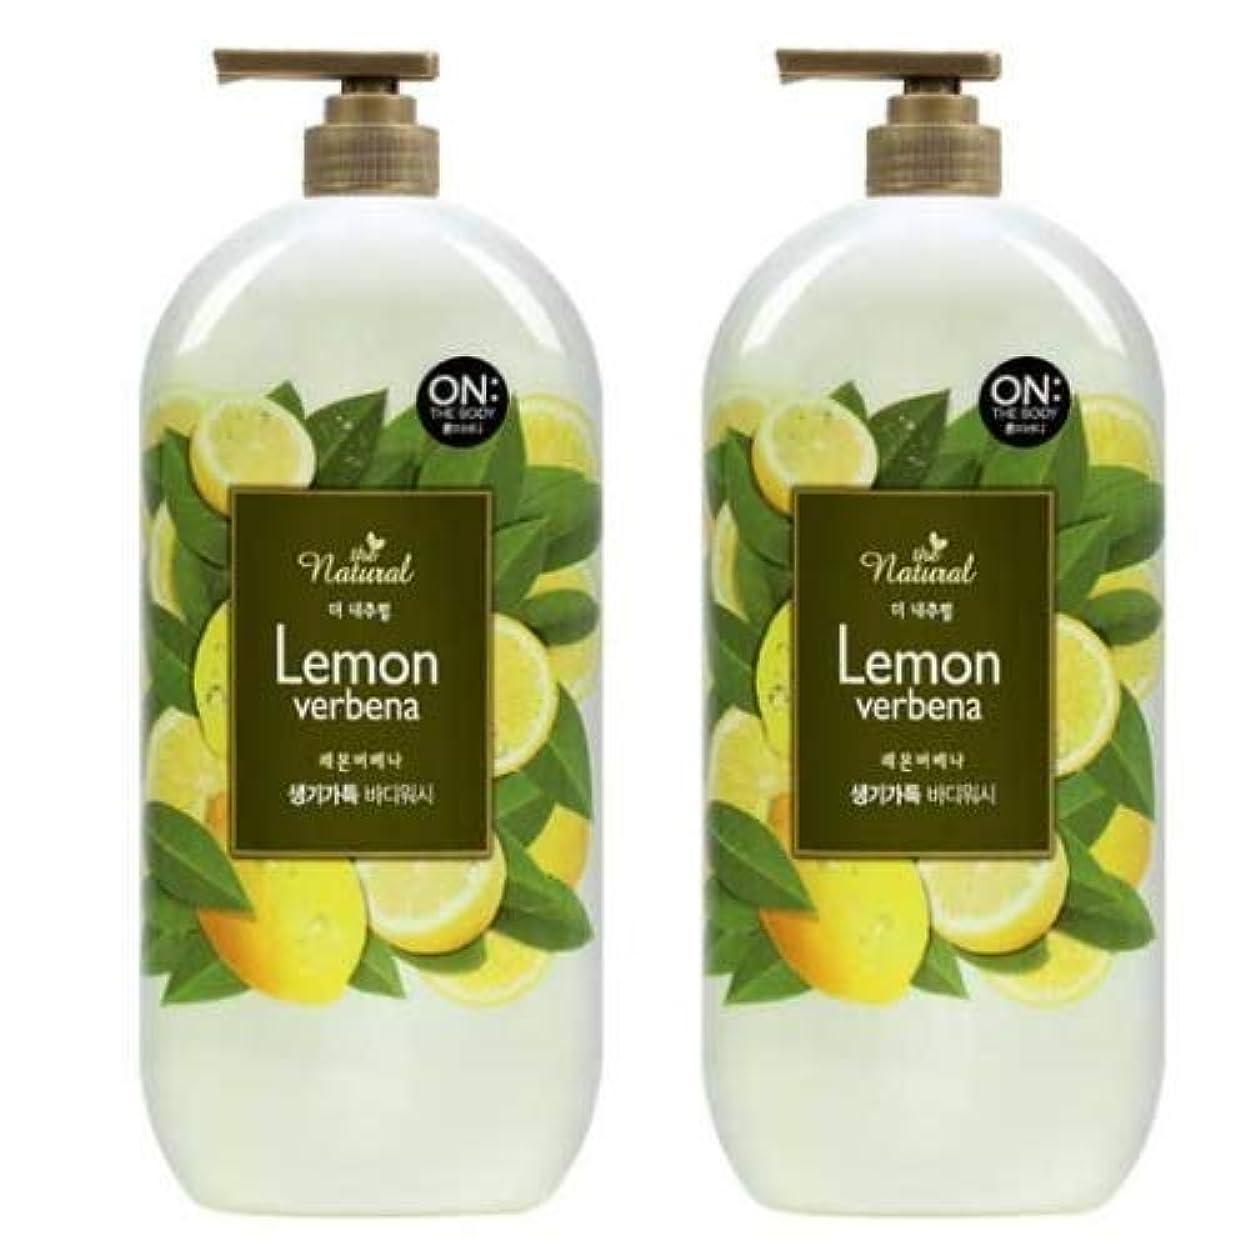 単調なエキゾチック[LG HnB] On the Body The Natural Body Wash / オンザボディよりナチュラルウォッシュ900gx2個(海外直送品)